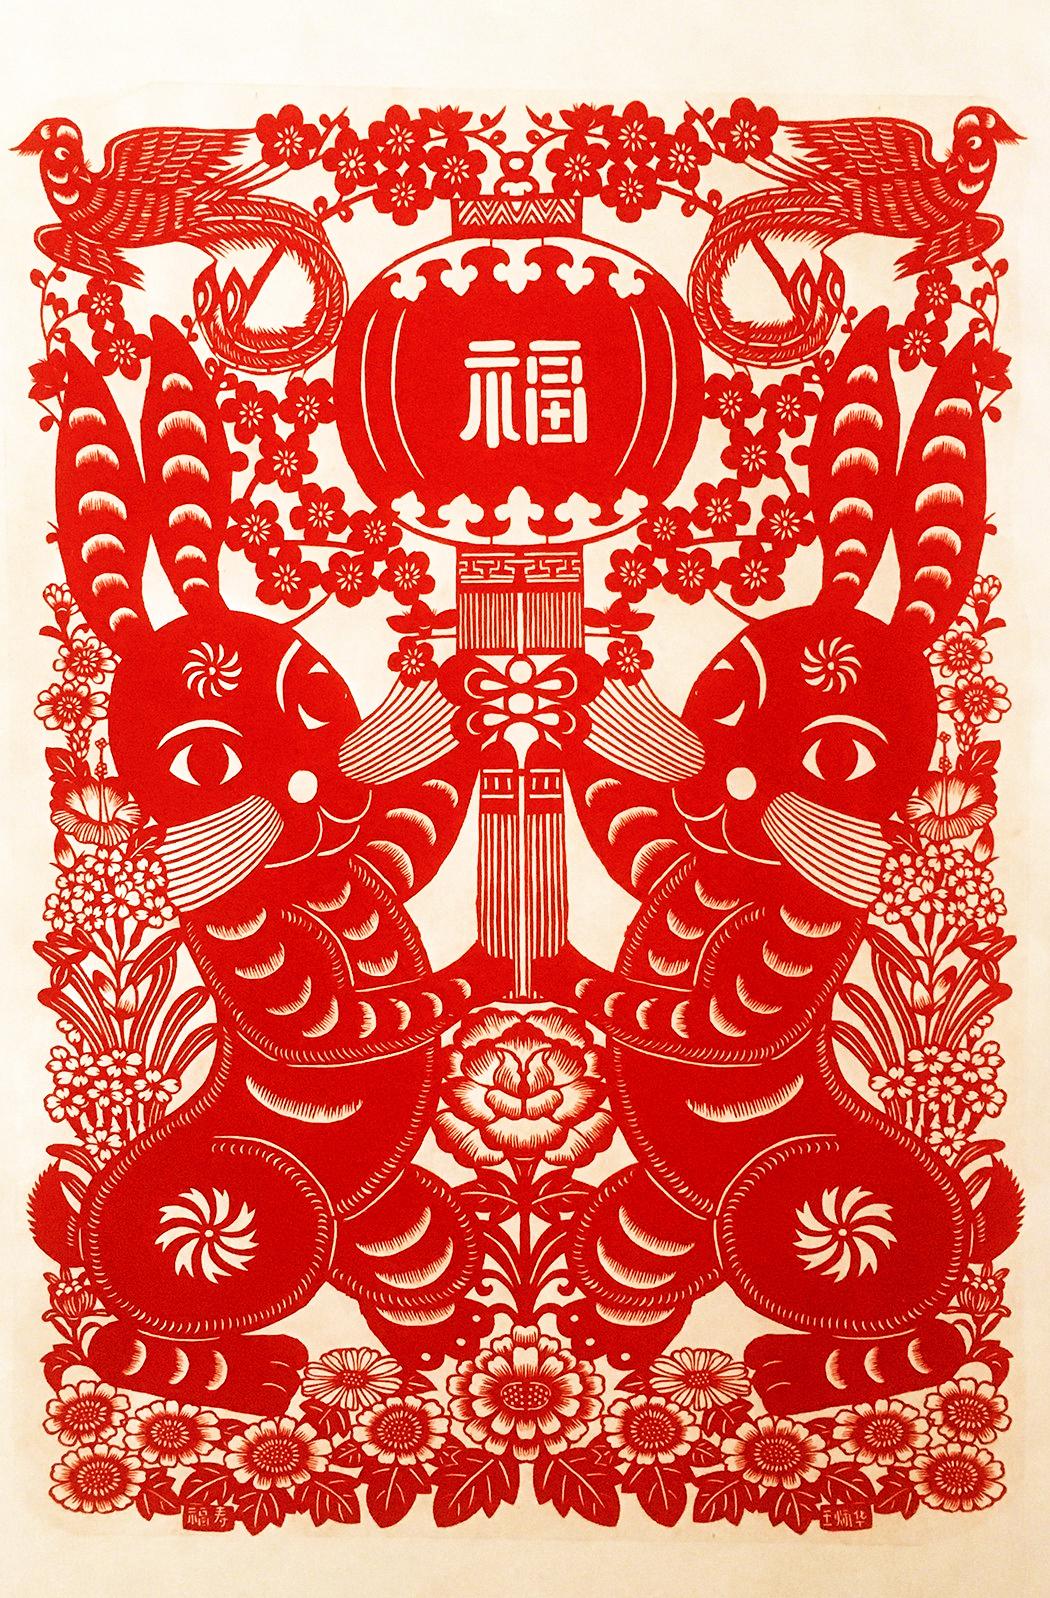 花木兰剪纸图片